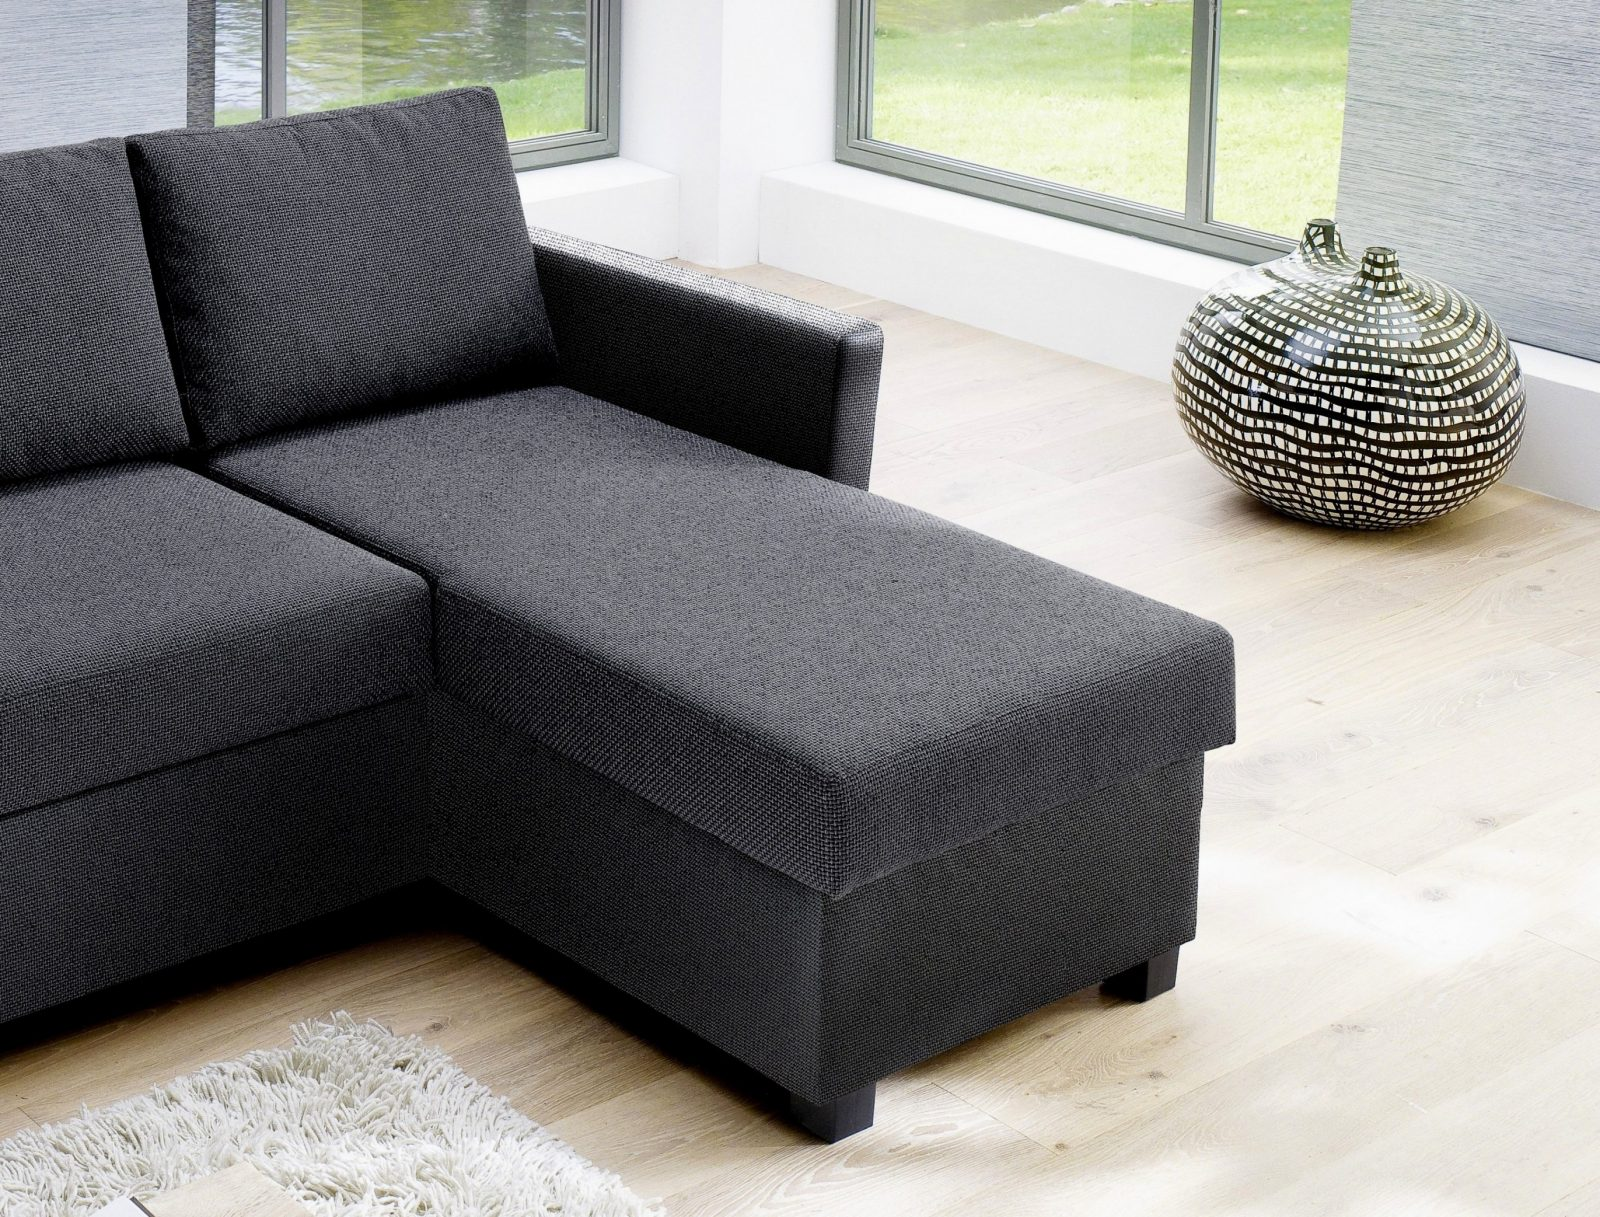 Stretch Husse Ecksofa Elegant Couch Husse Simple Liege Couch von Husse Für Ecksofa Mit Ottomane Photo